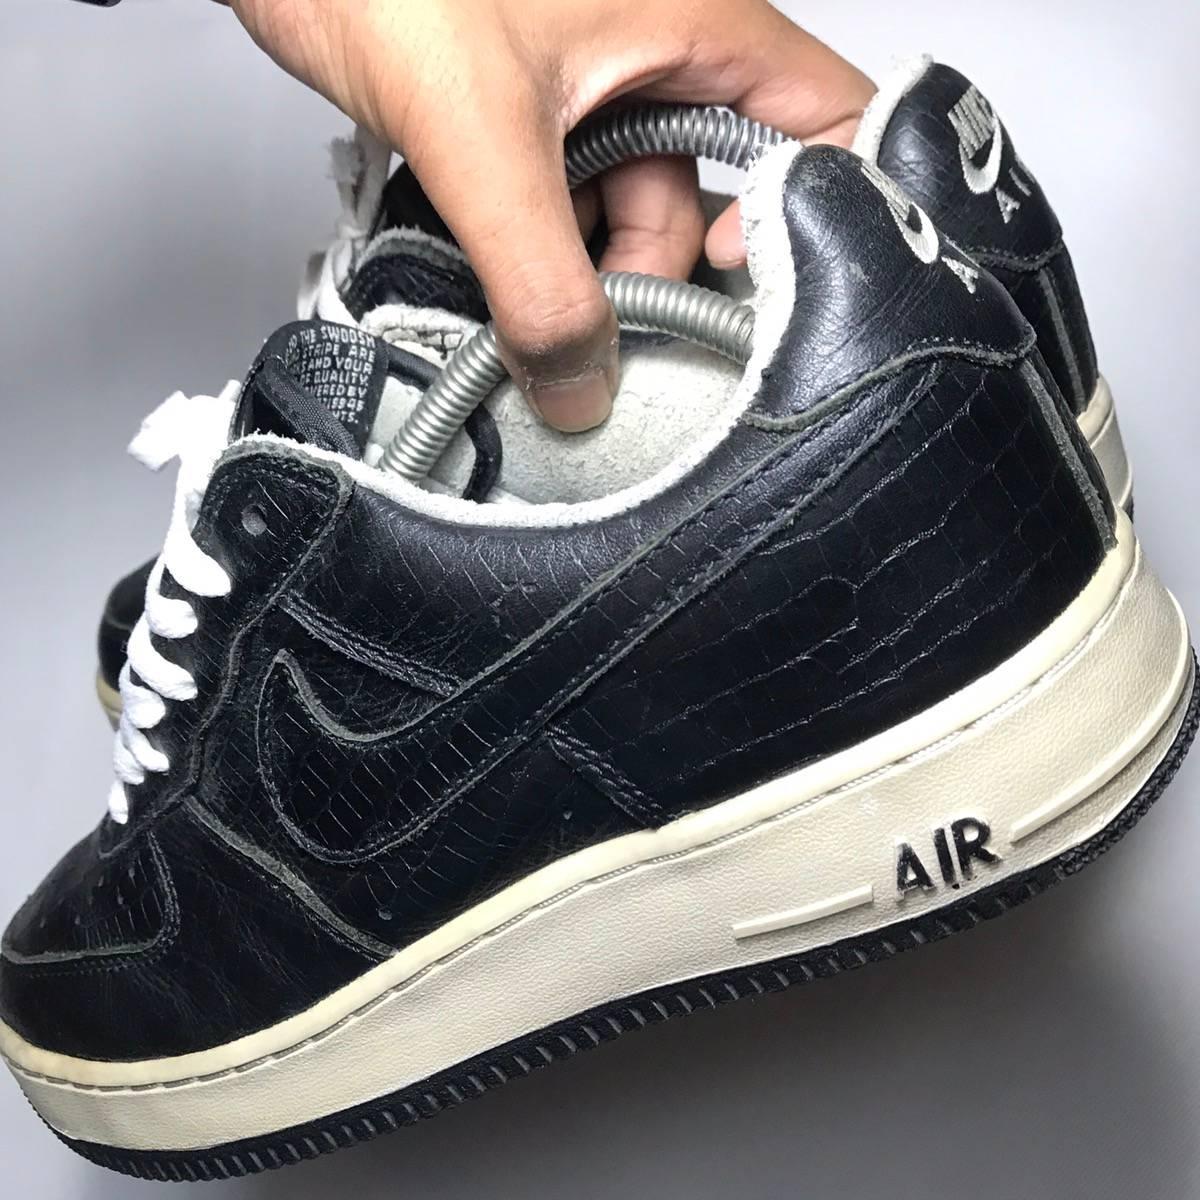 air force 1 croco